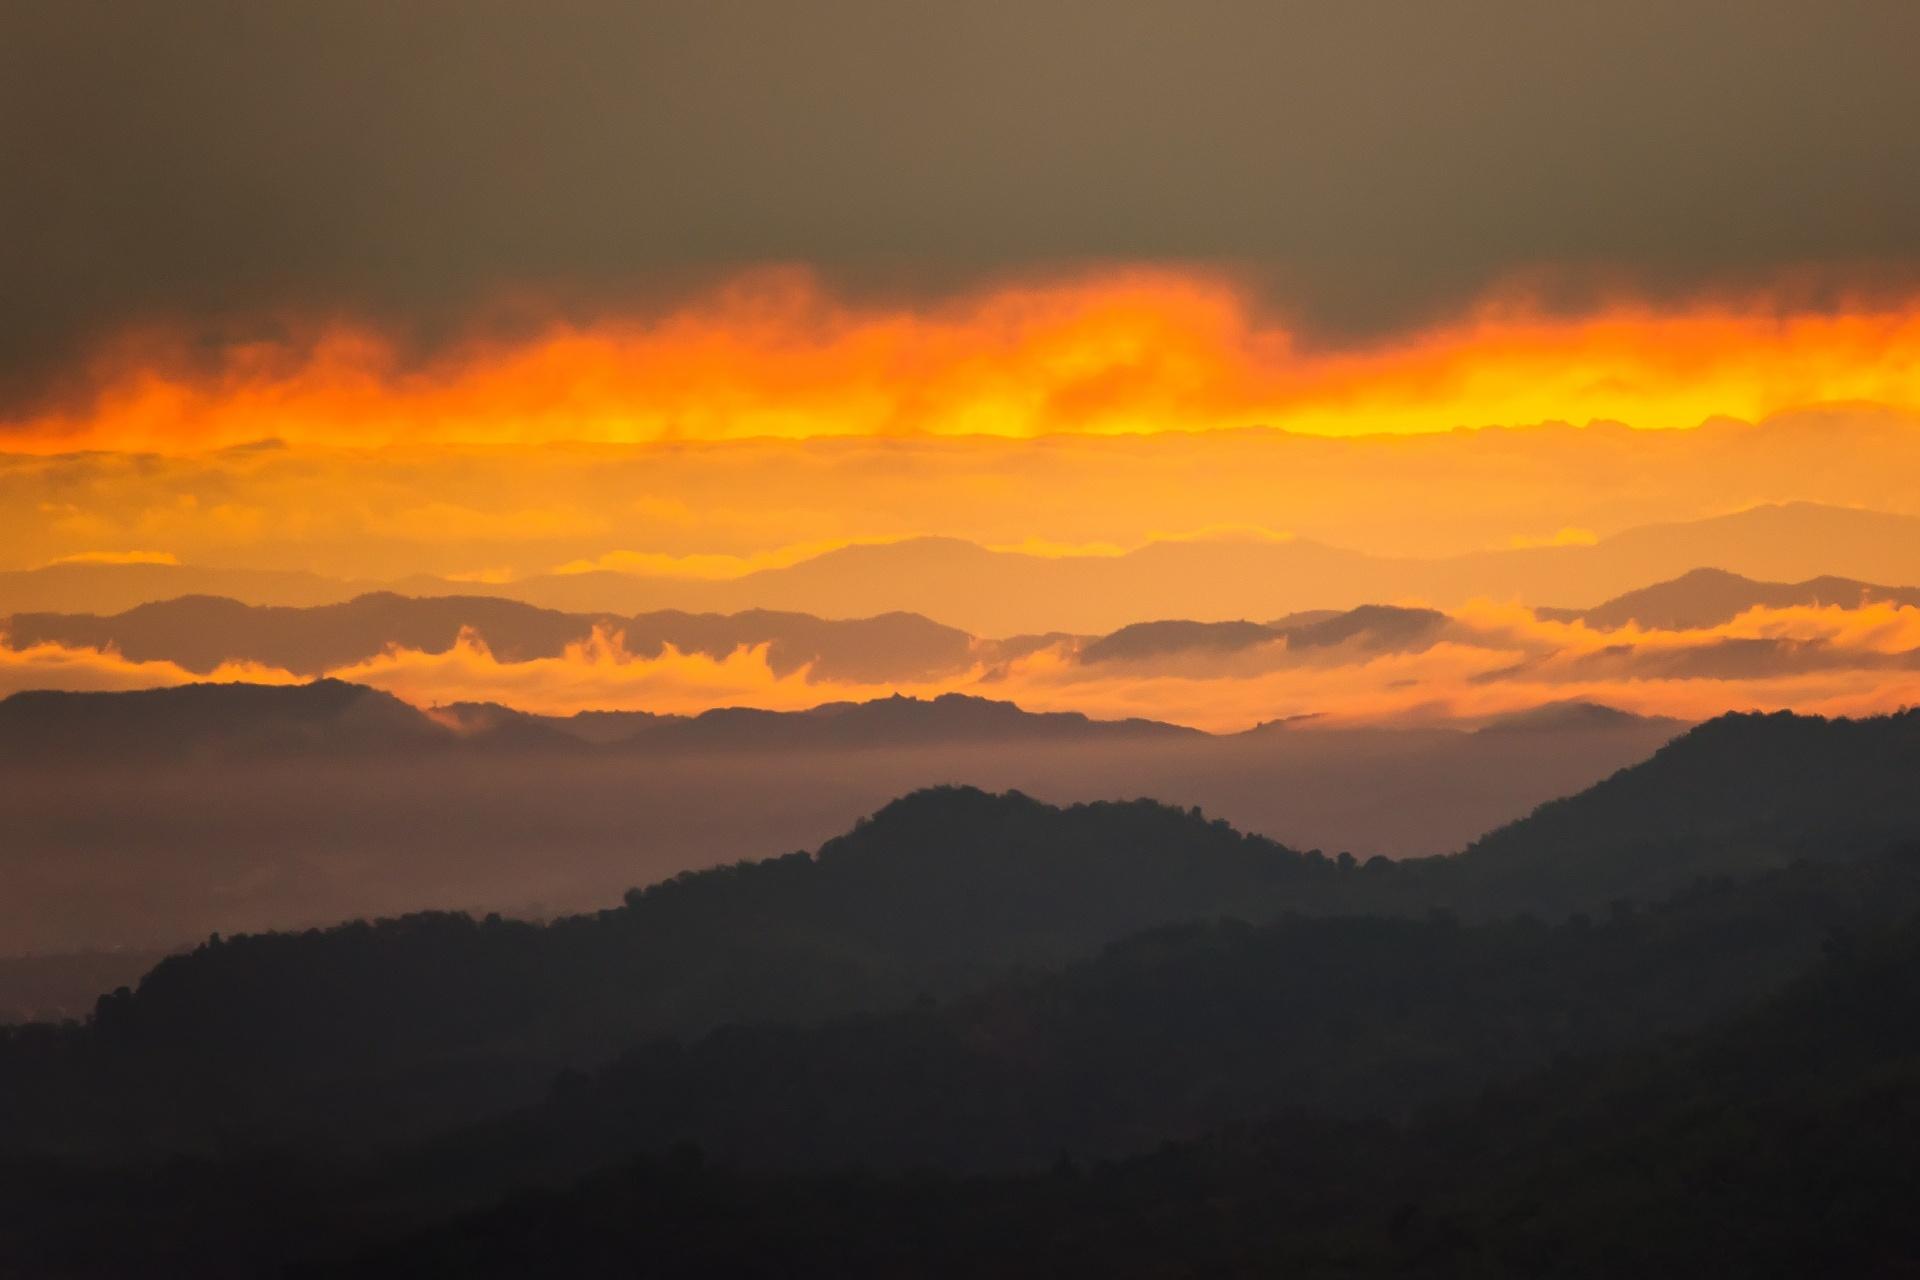 朝焼けに染まる夏の朝の空と山々 タイの風景